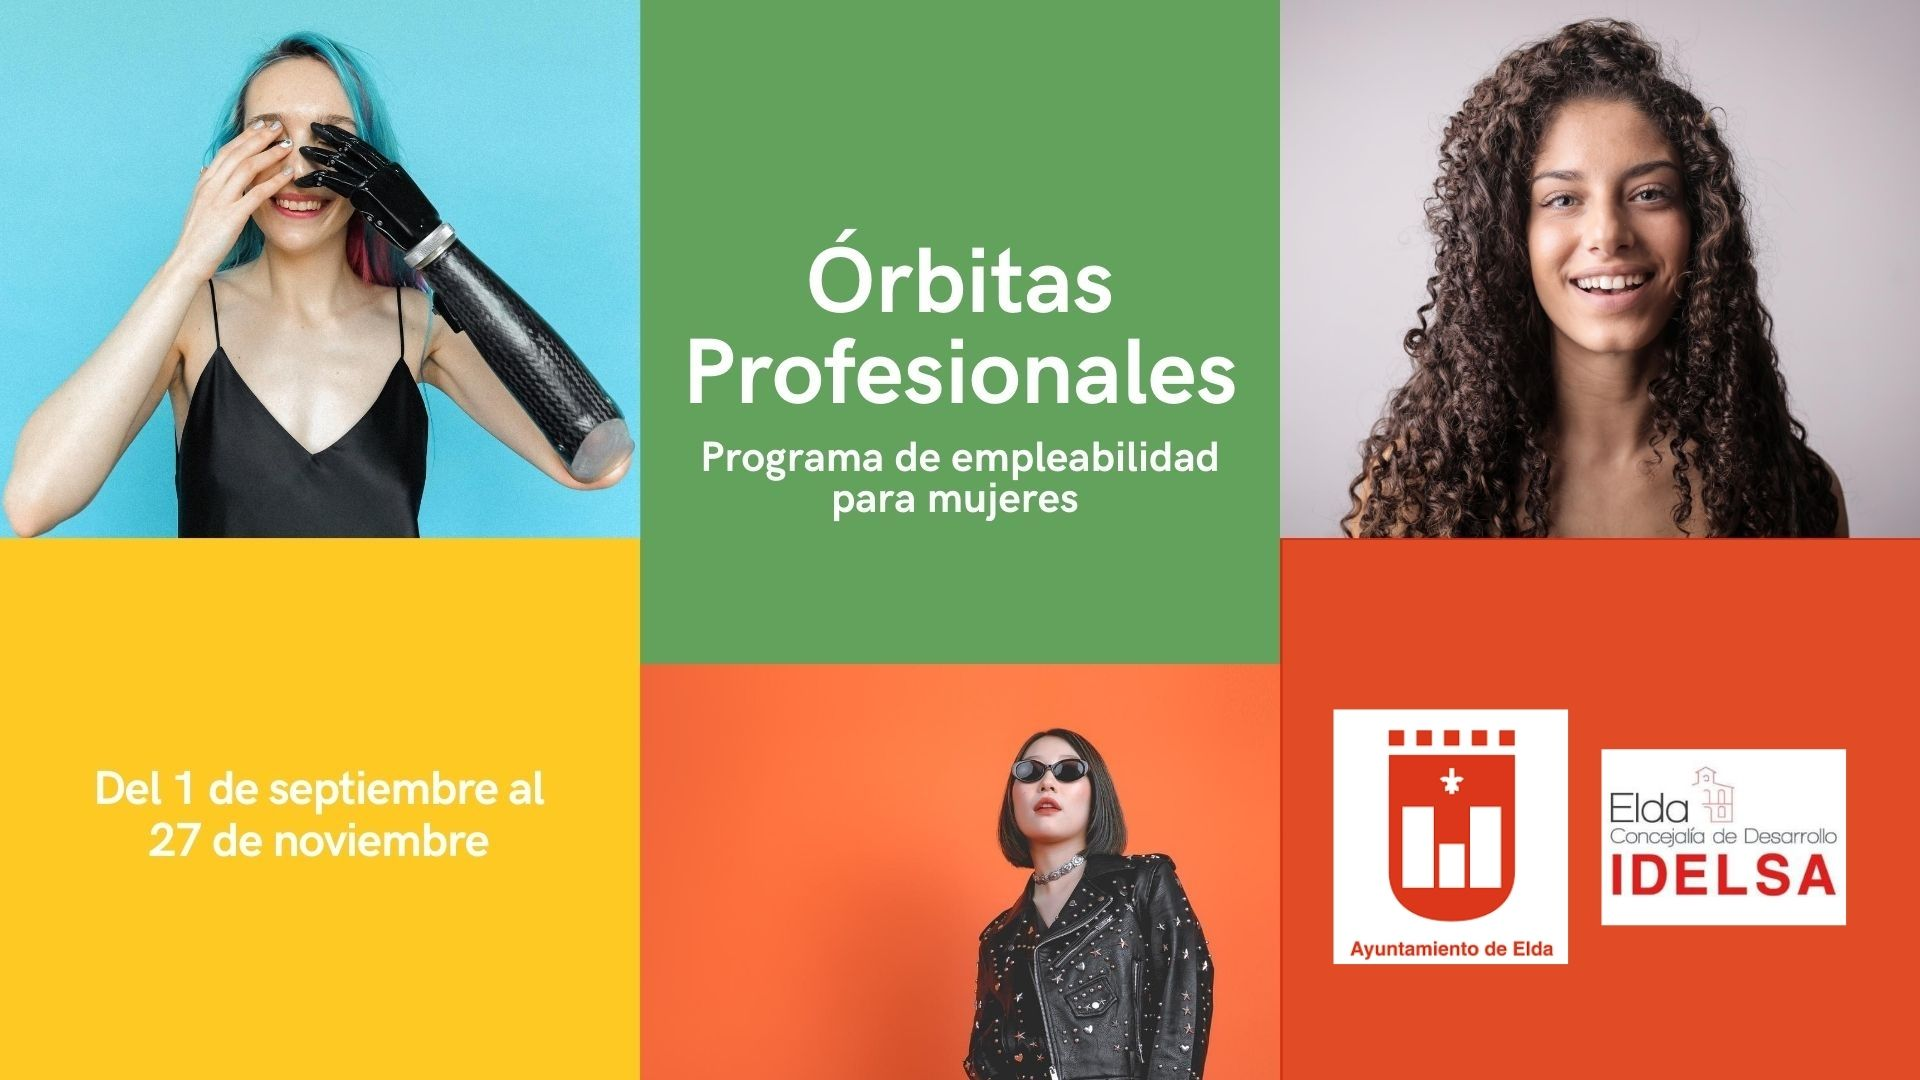 El programa 'Órbitas Profesionales' ha permitido mejorar la empleabilidad de mujeres de Elda en riesgo de exclusión social